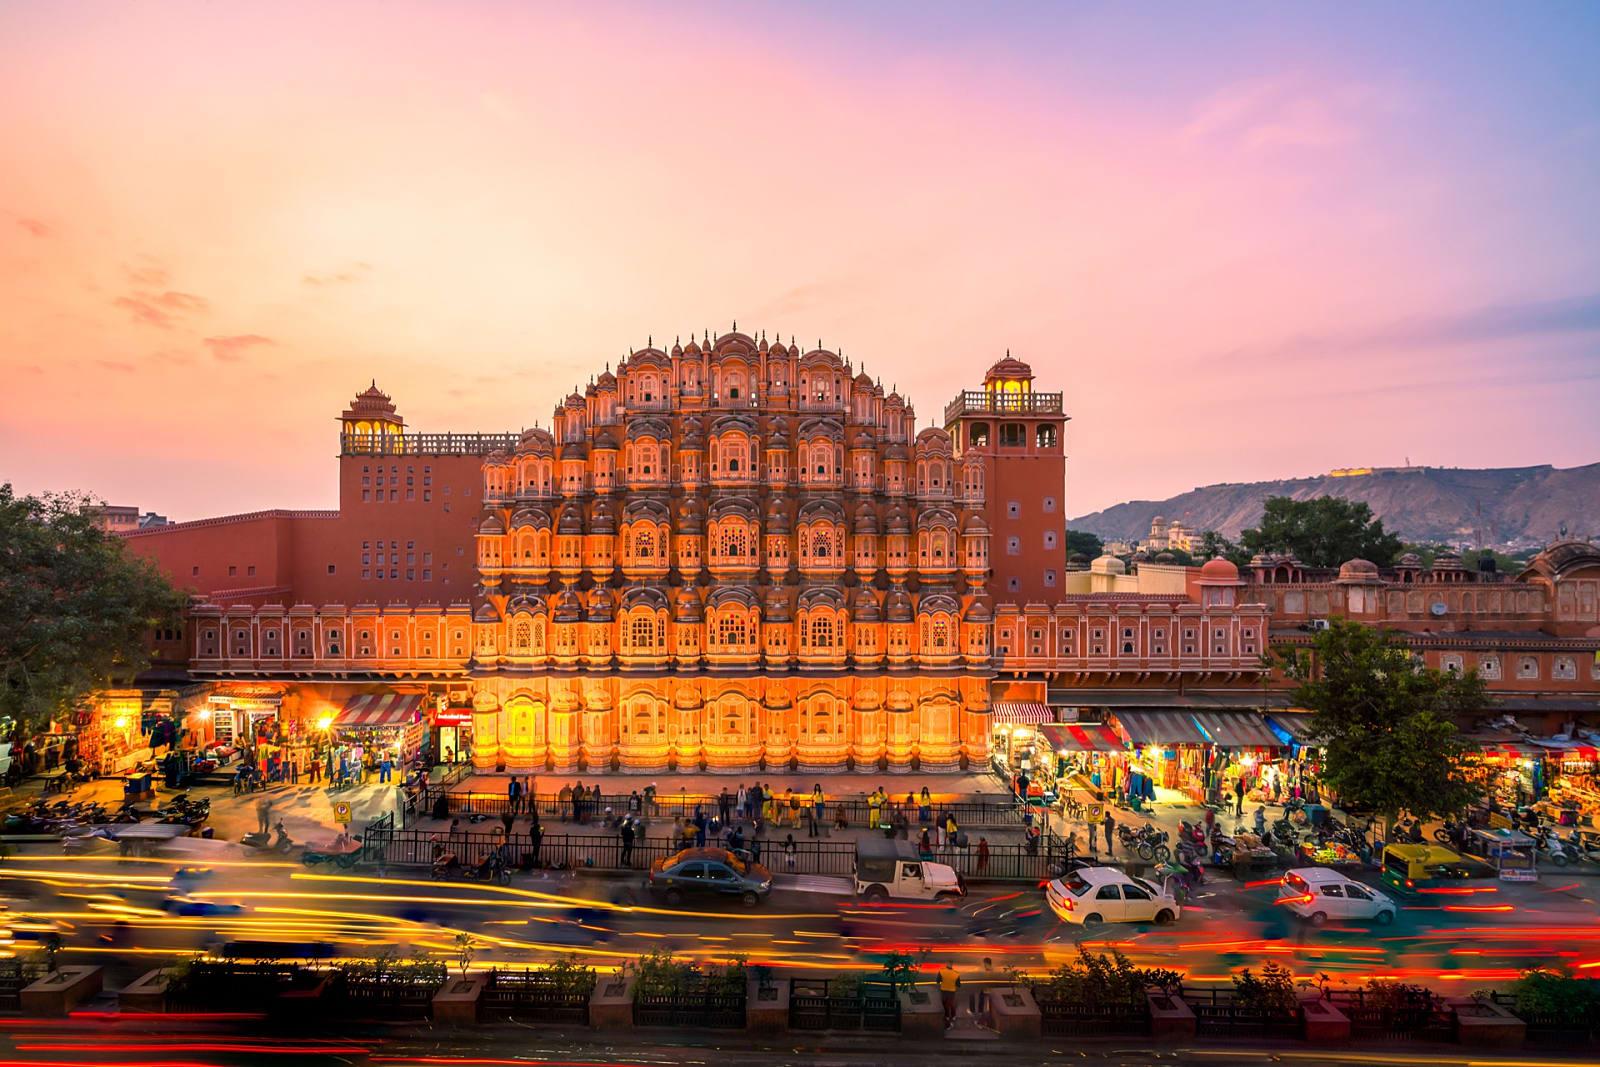 PunjabKesari, Jaipur Image, Nightlife Image